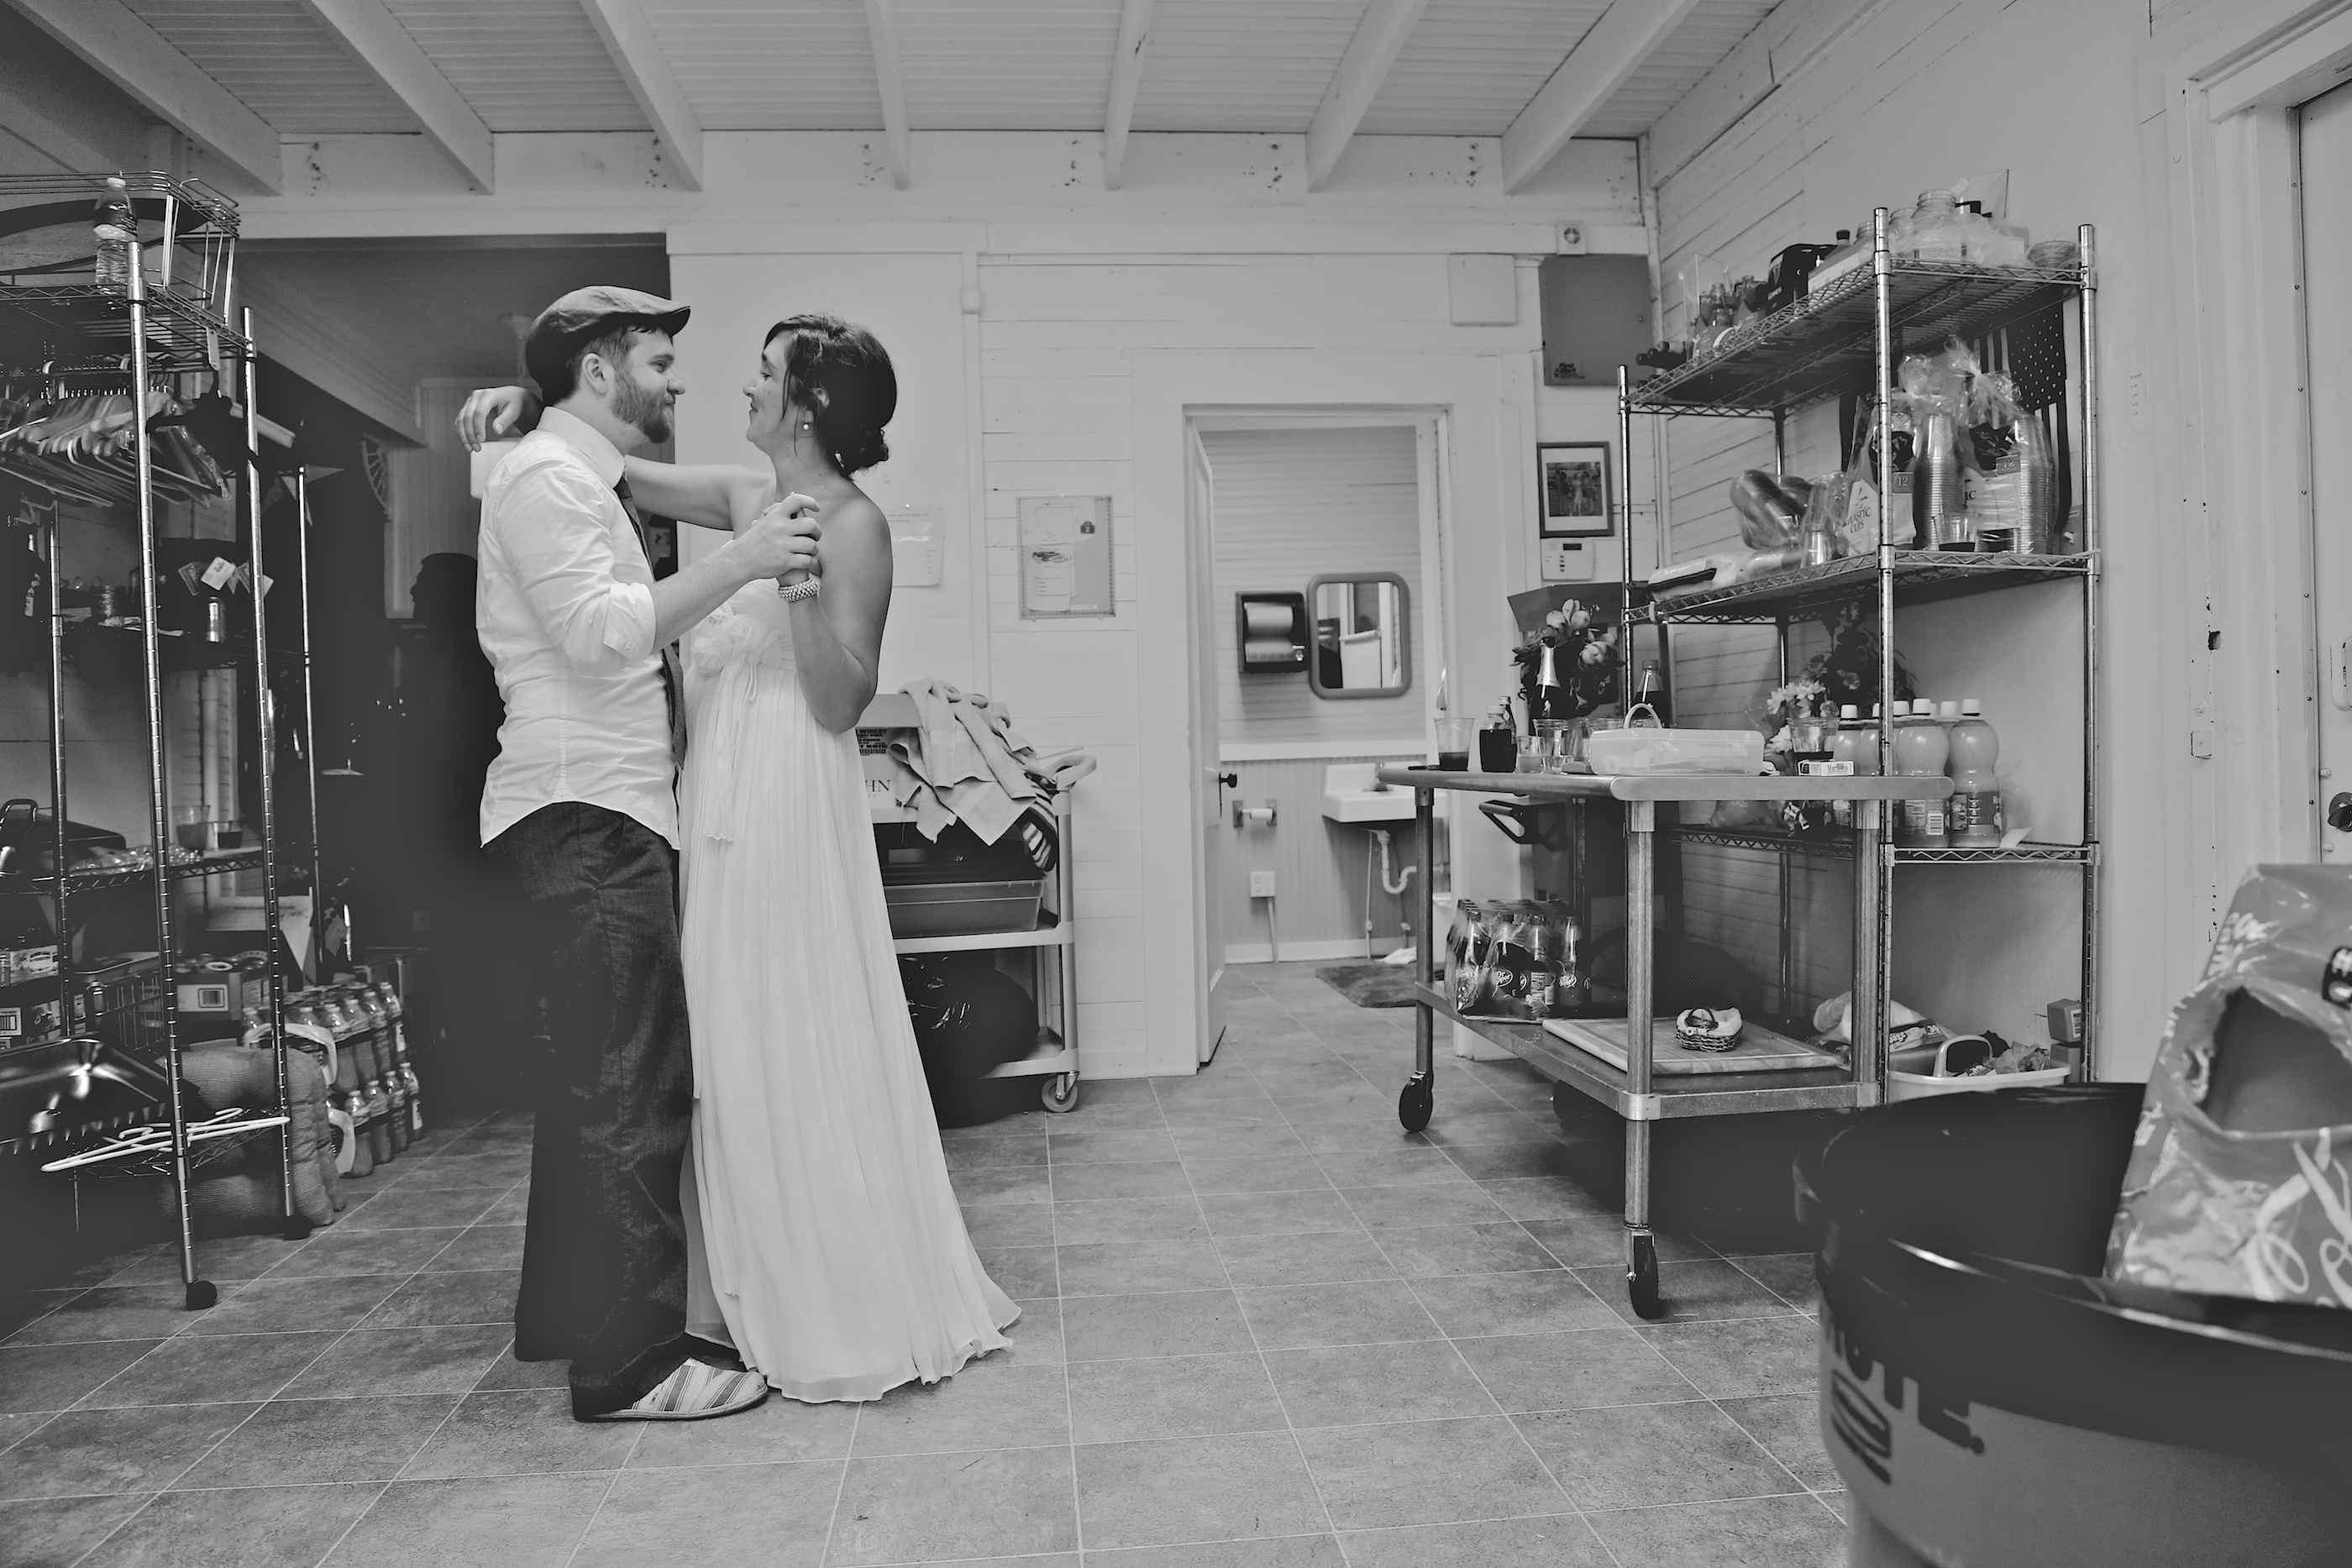 top-10-wedding-photos-2013-014